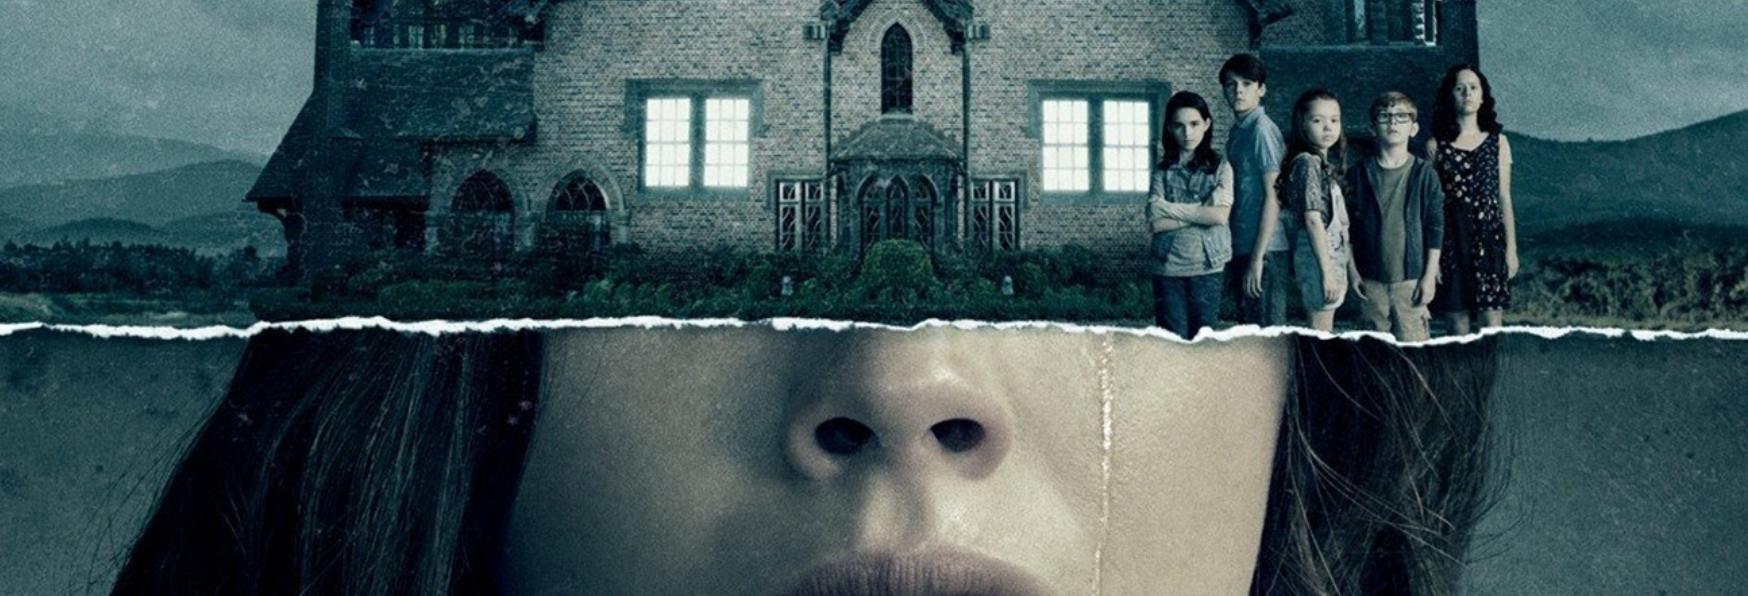 The Haunting of Bly Manor: tutte le Informazioni note sulla 2° Stagione di Hill House